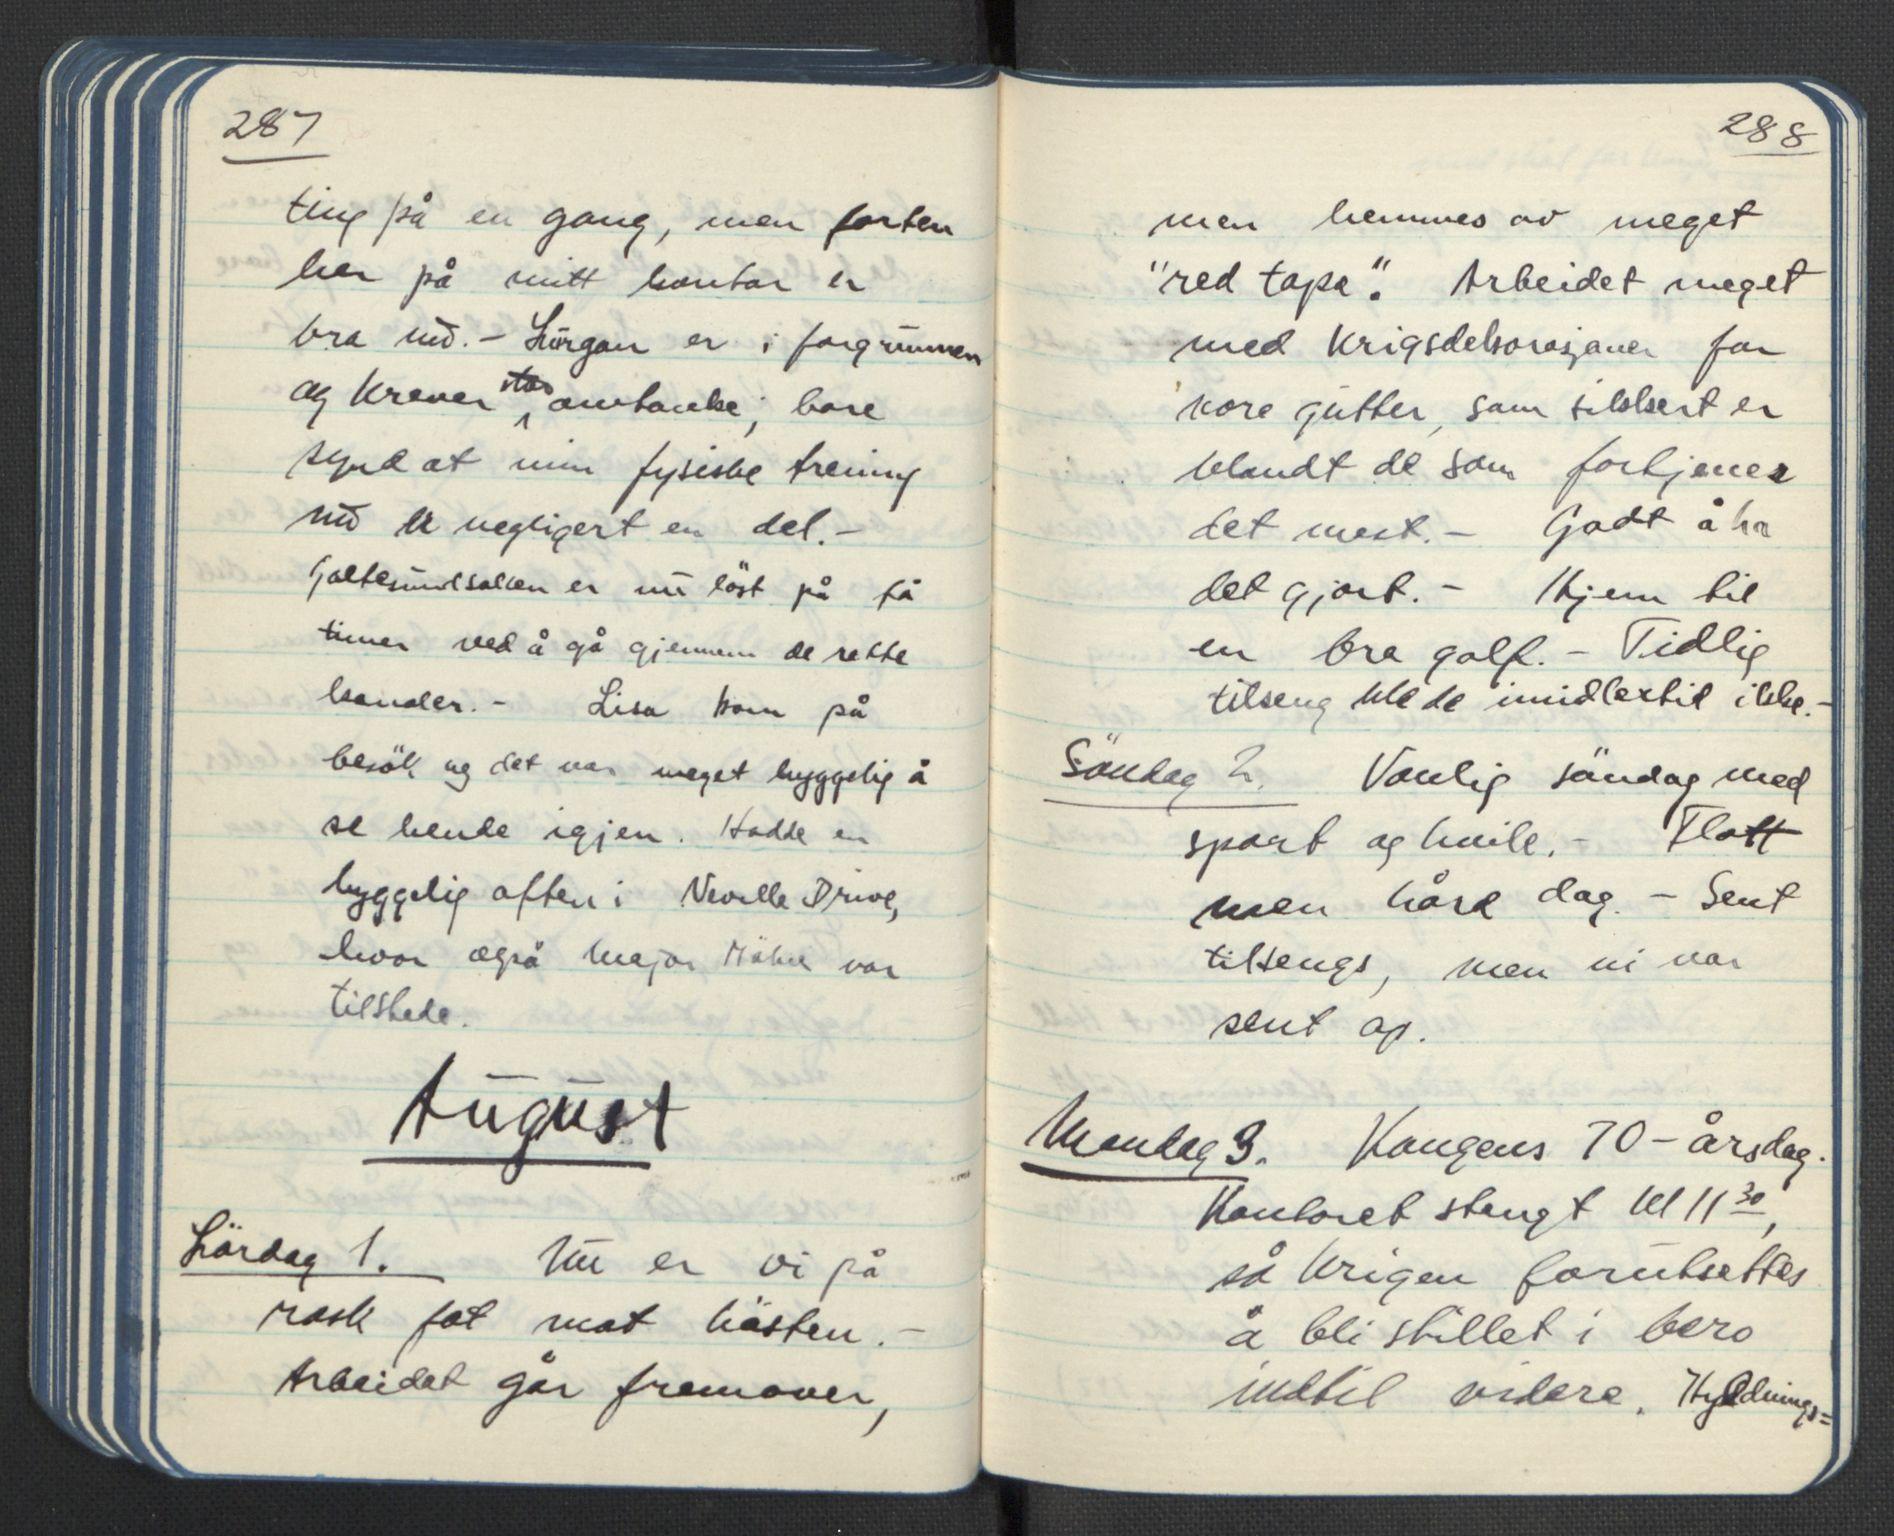 RA, Tronstad, Leif, F/L0001: Dagbøker, 1941-1945, s. 228